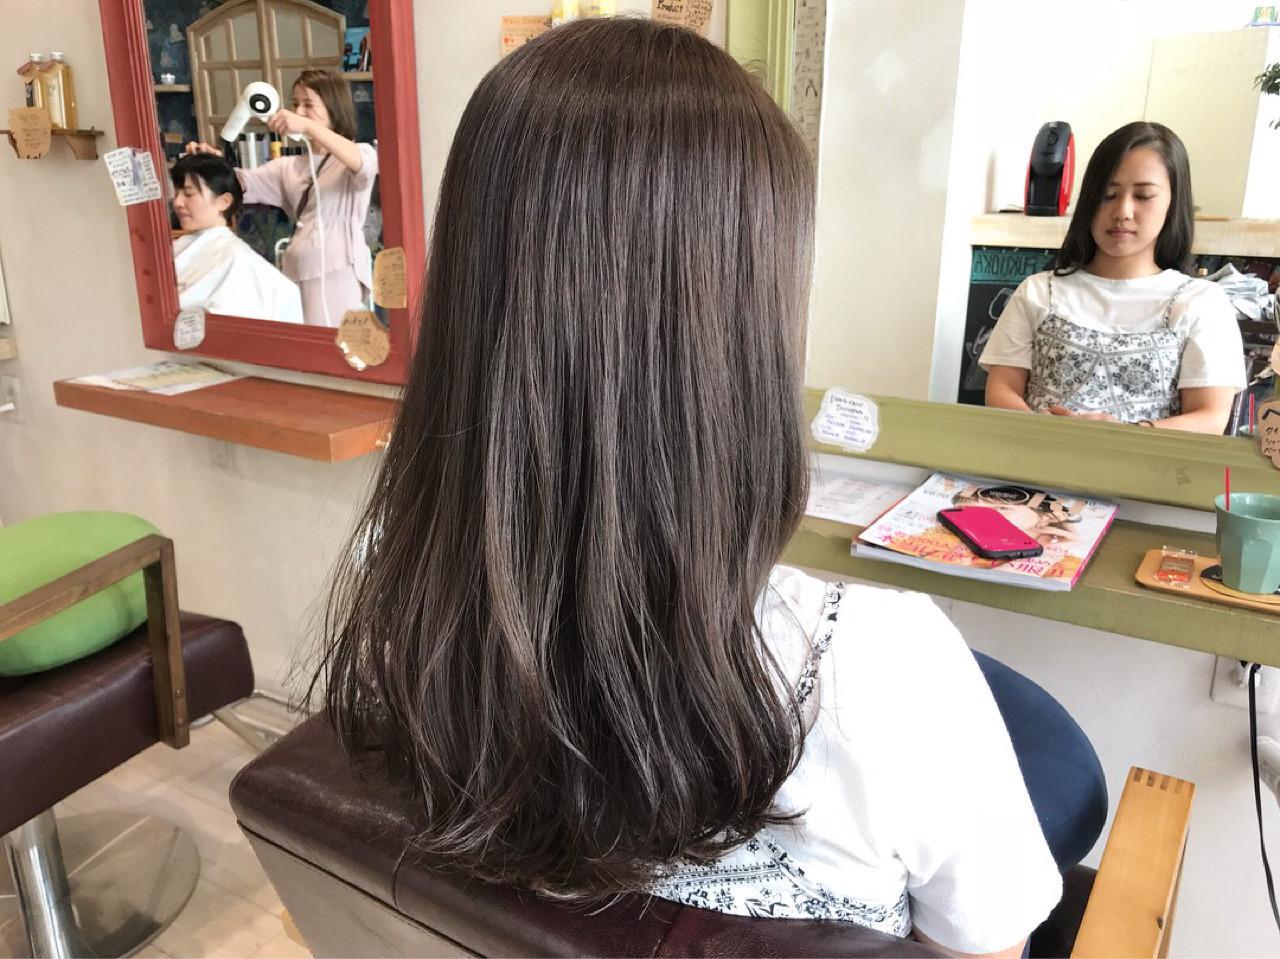 ナチュラル セミロング グレージュ 暗髪 ヘアスタイルや髪型の写真・画像